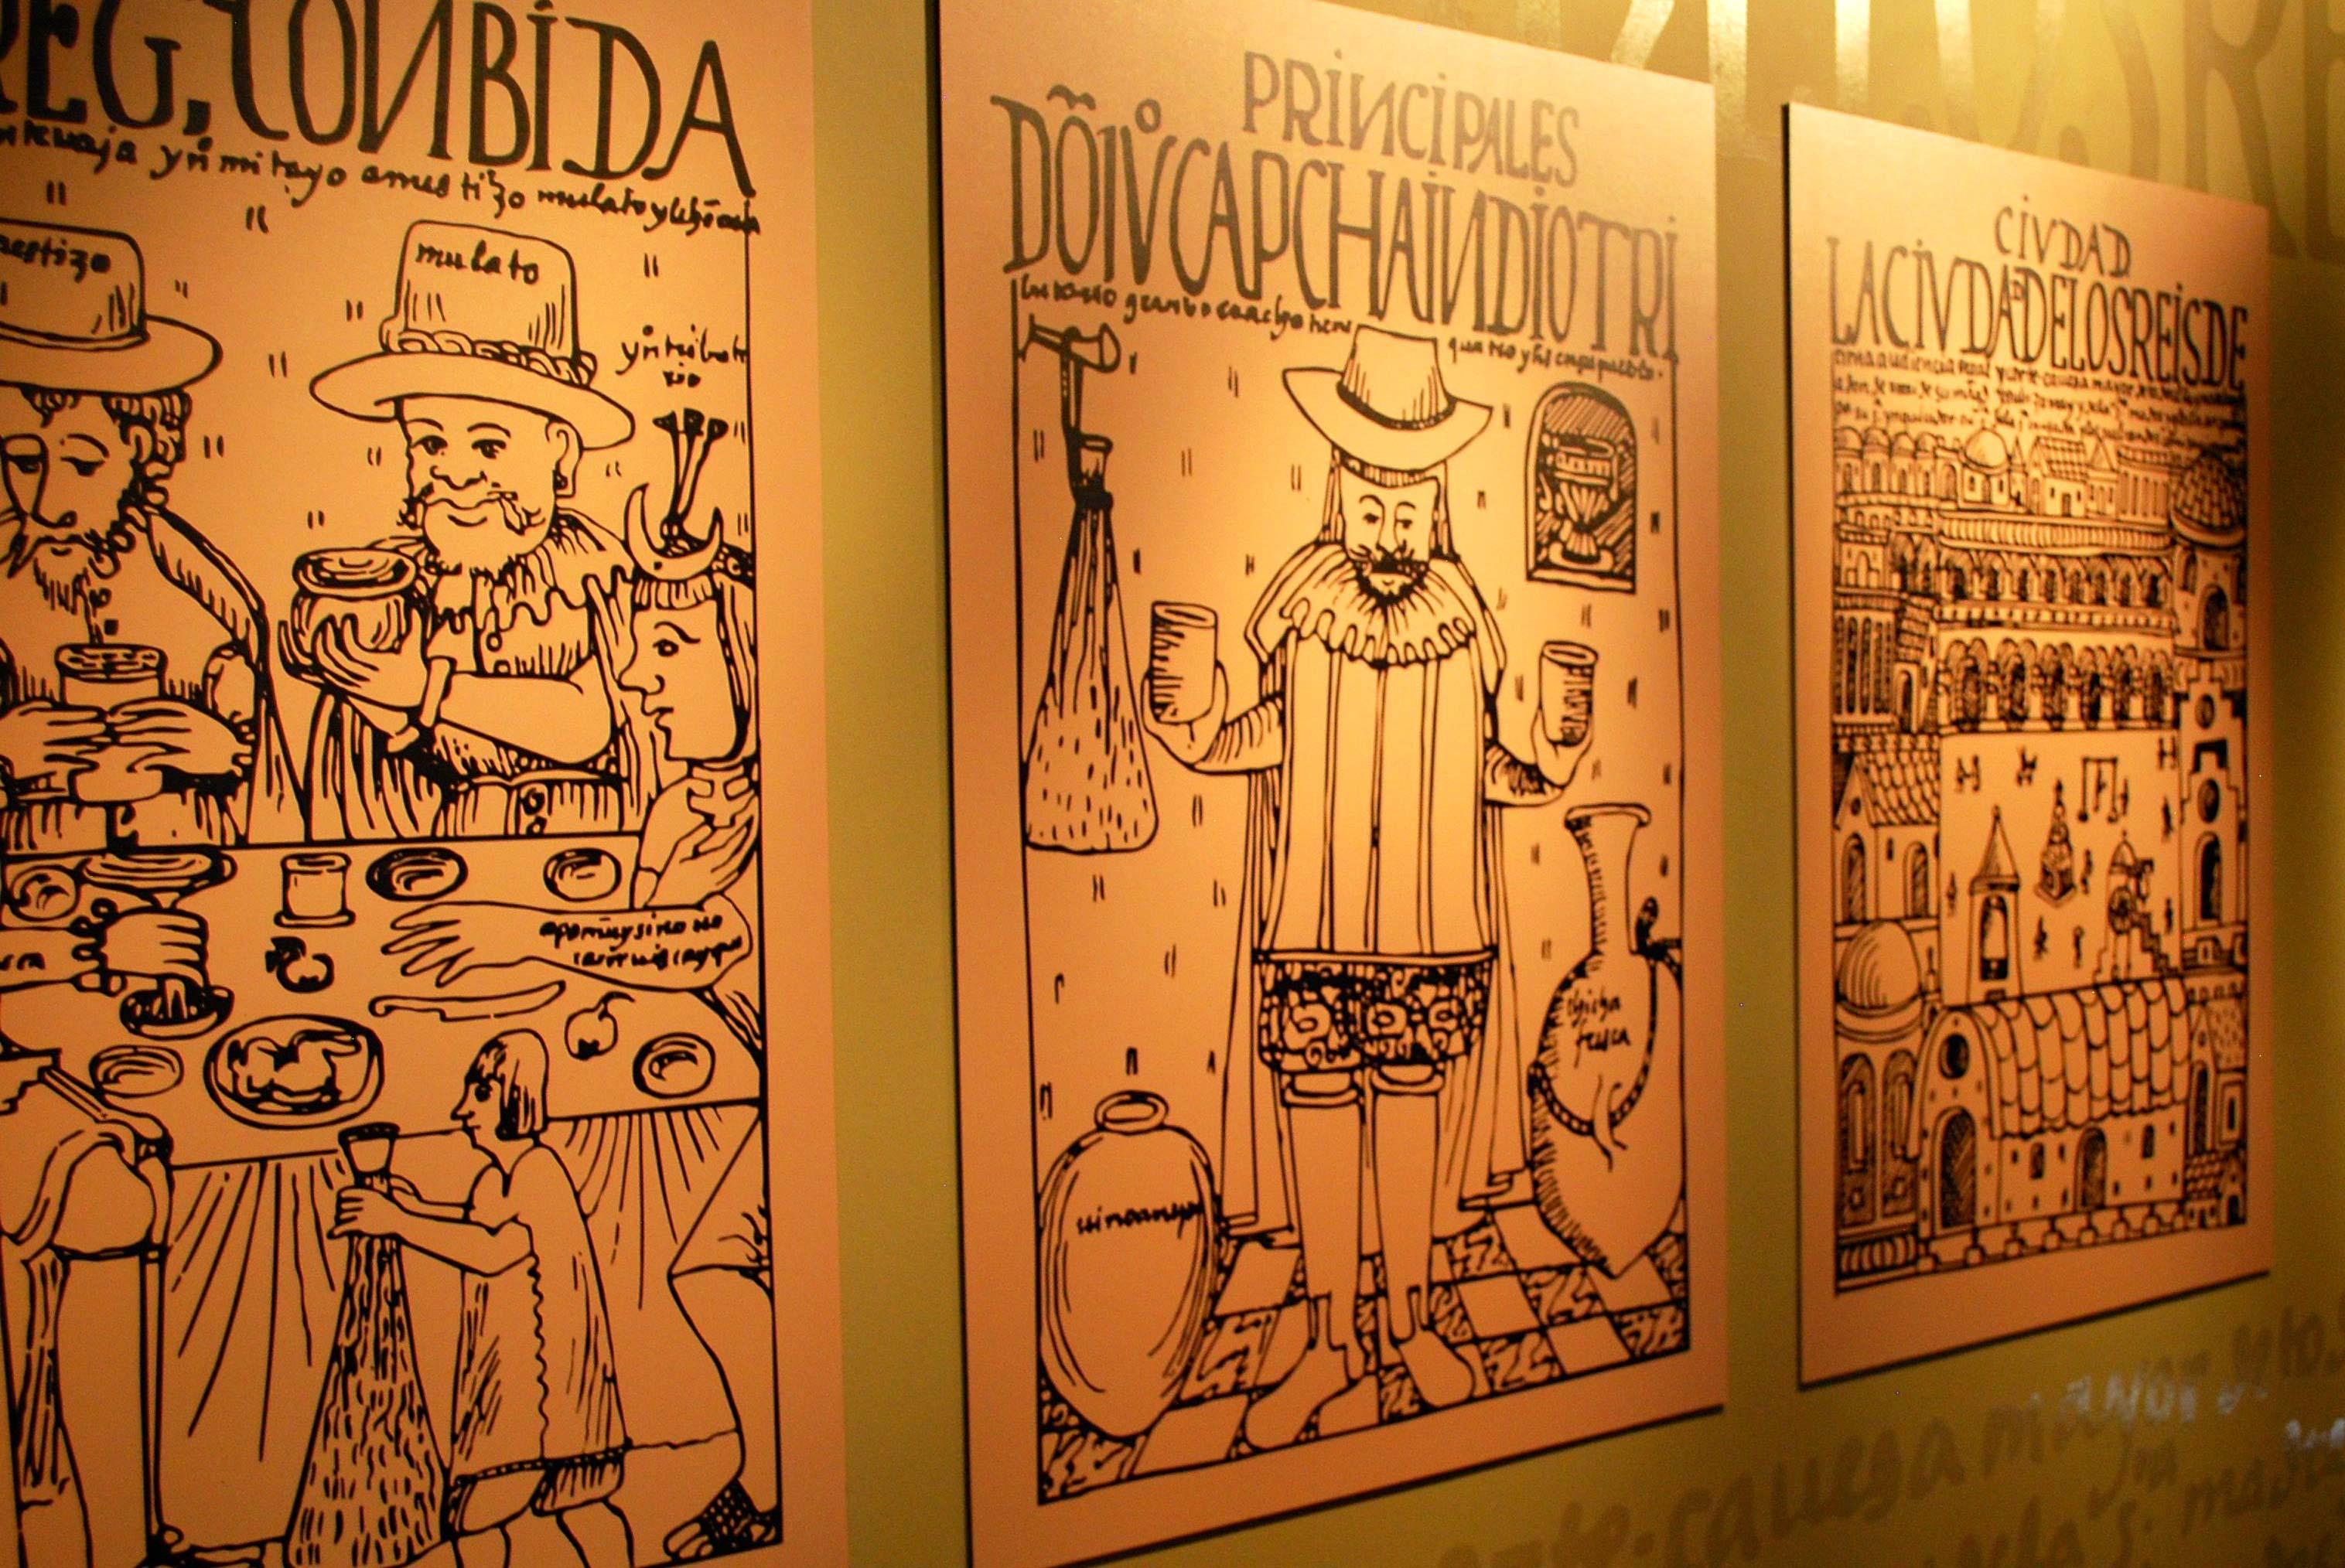 Ilustrações da época colonial em Lima